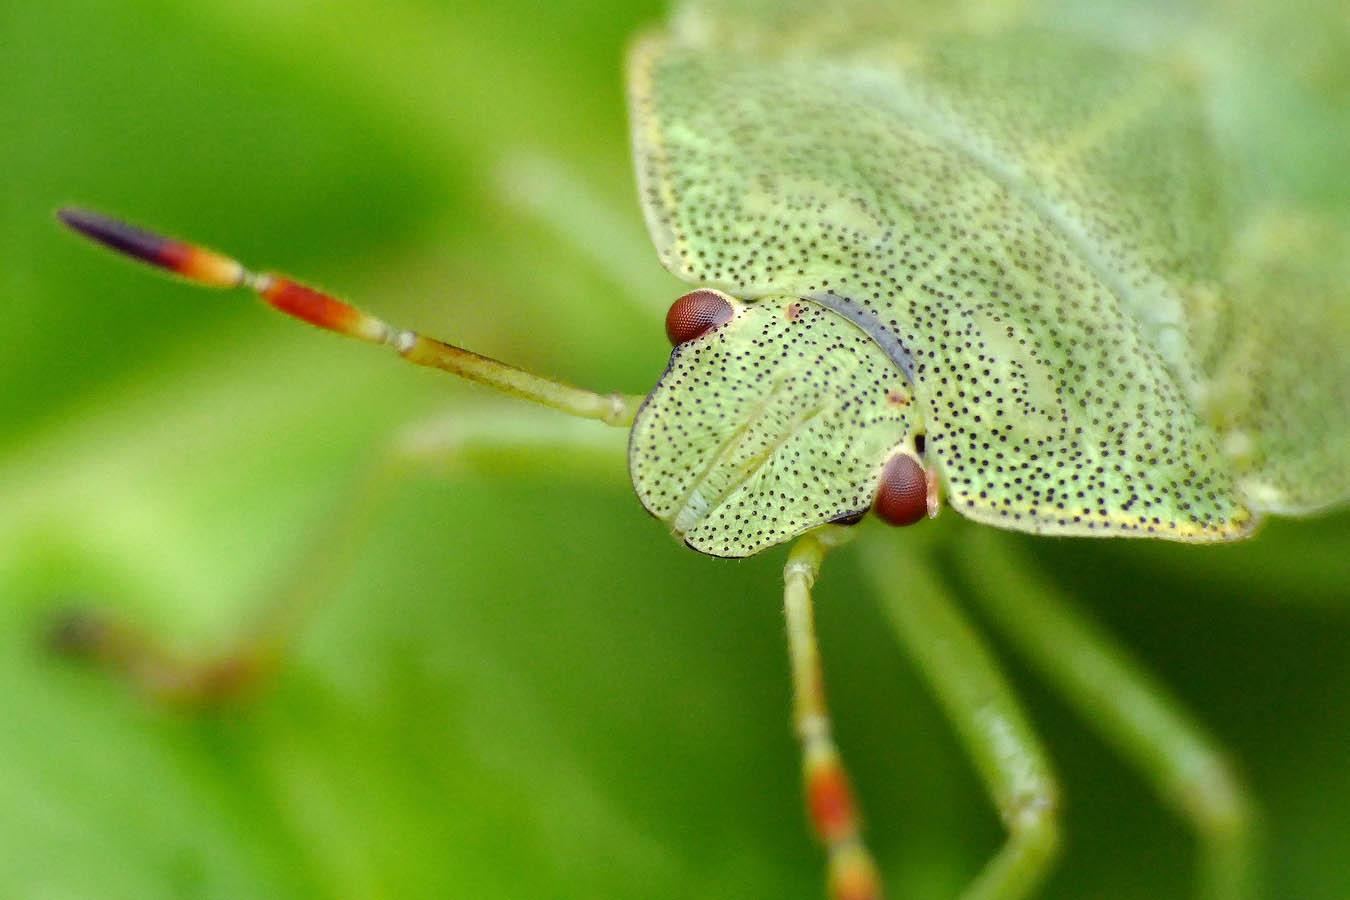 Фасеточными глазами насекомые высматривают добычу или еду, ориентируются в пространстве... Смотрят вперёд... Третьим глазом (их может быть несколько) смотрят вверх, определяя время суток. Автор фото: Андрей Смирнов